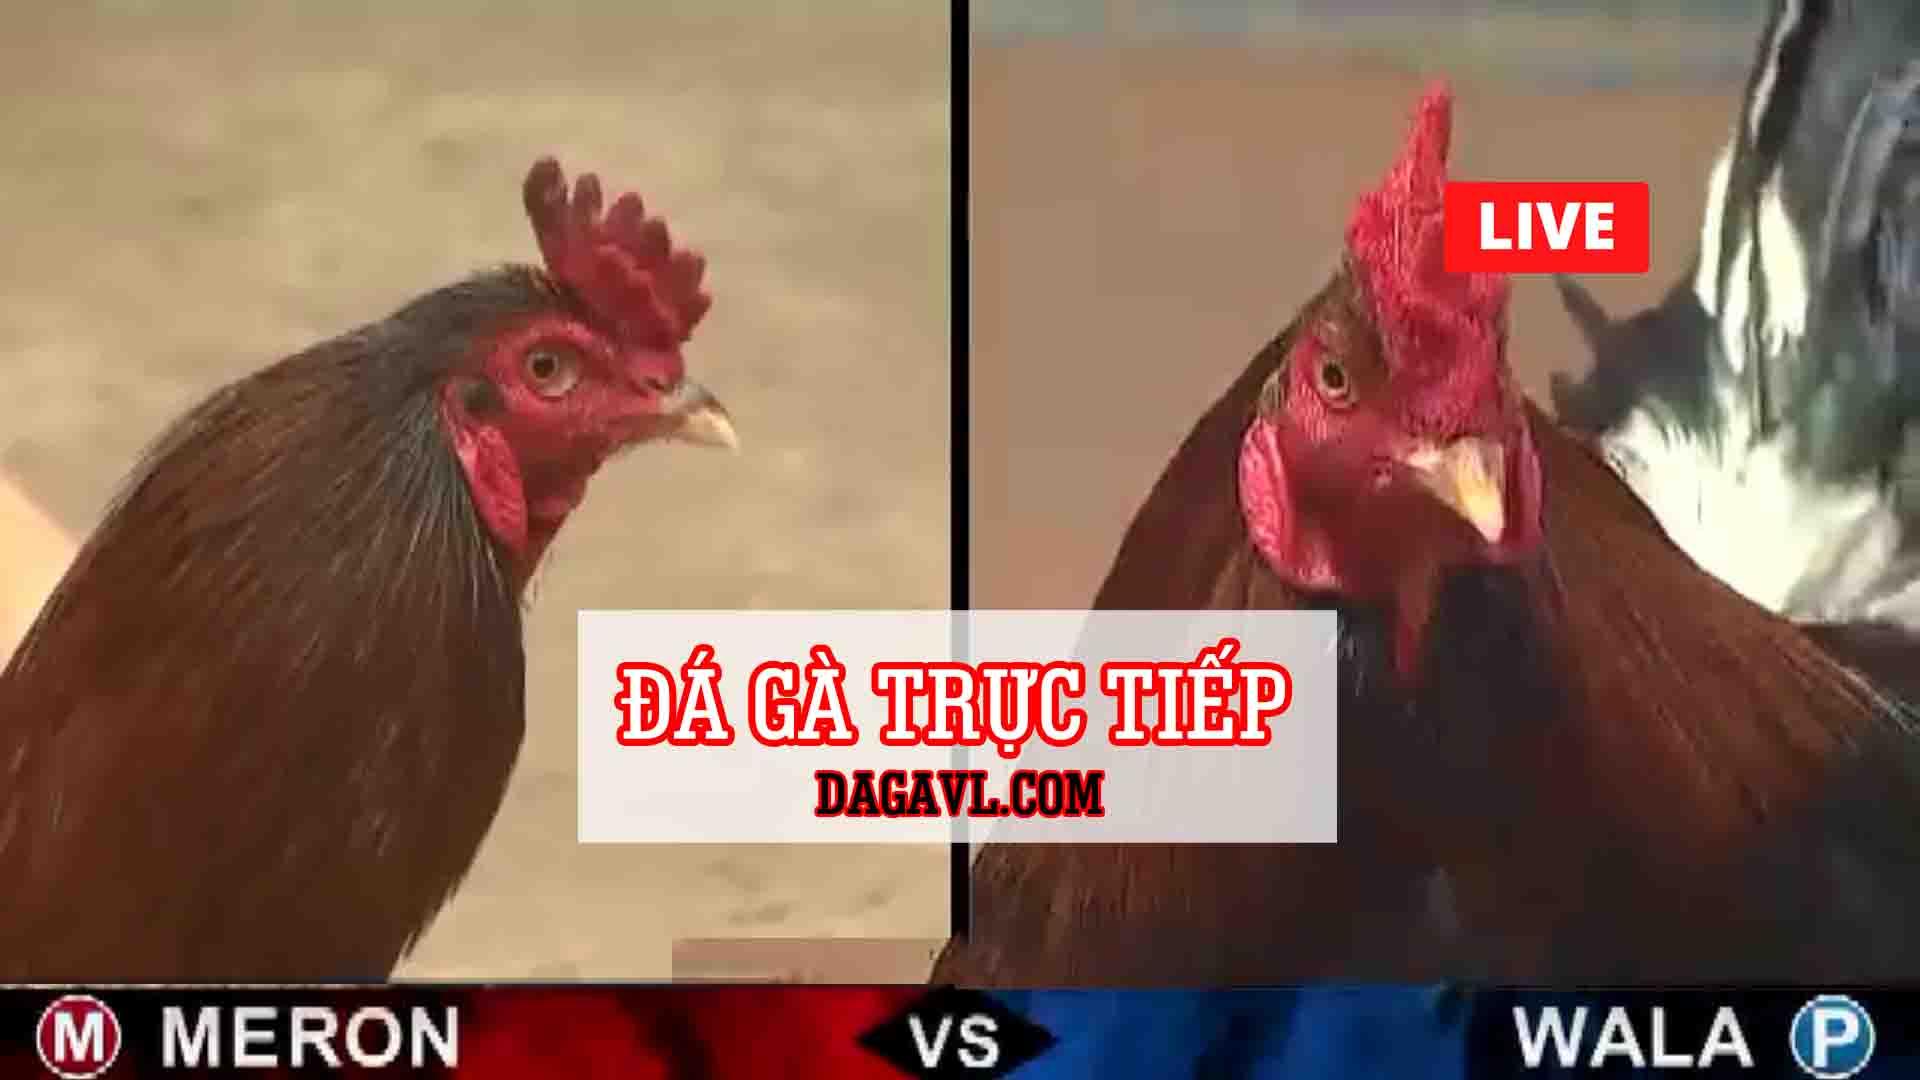 DAGAVL.COM - DAGATRUCTIEP - Đá gà trực tiếp thứ 4 ngày 29 tháng 7 năm 2020